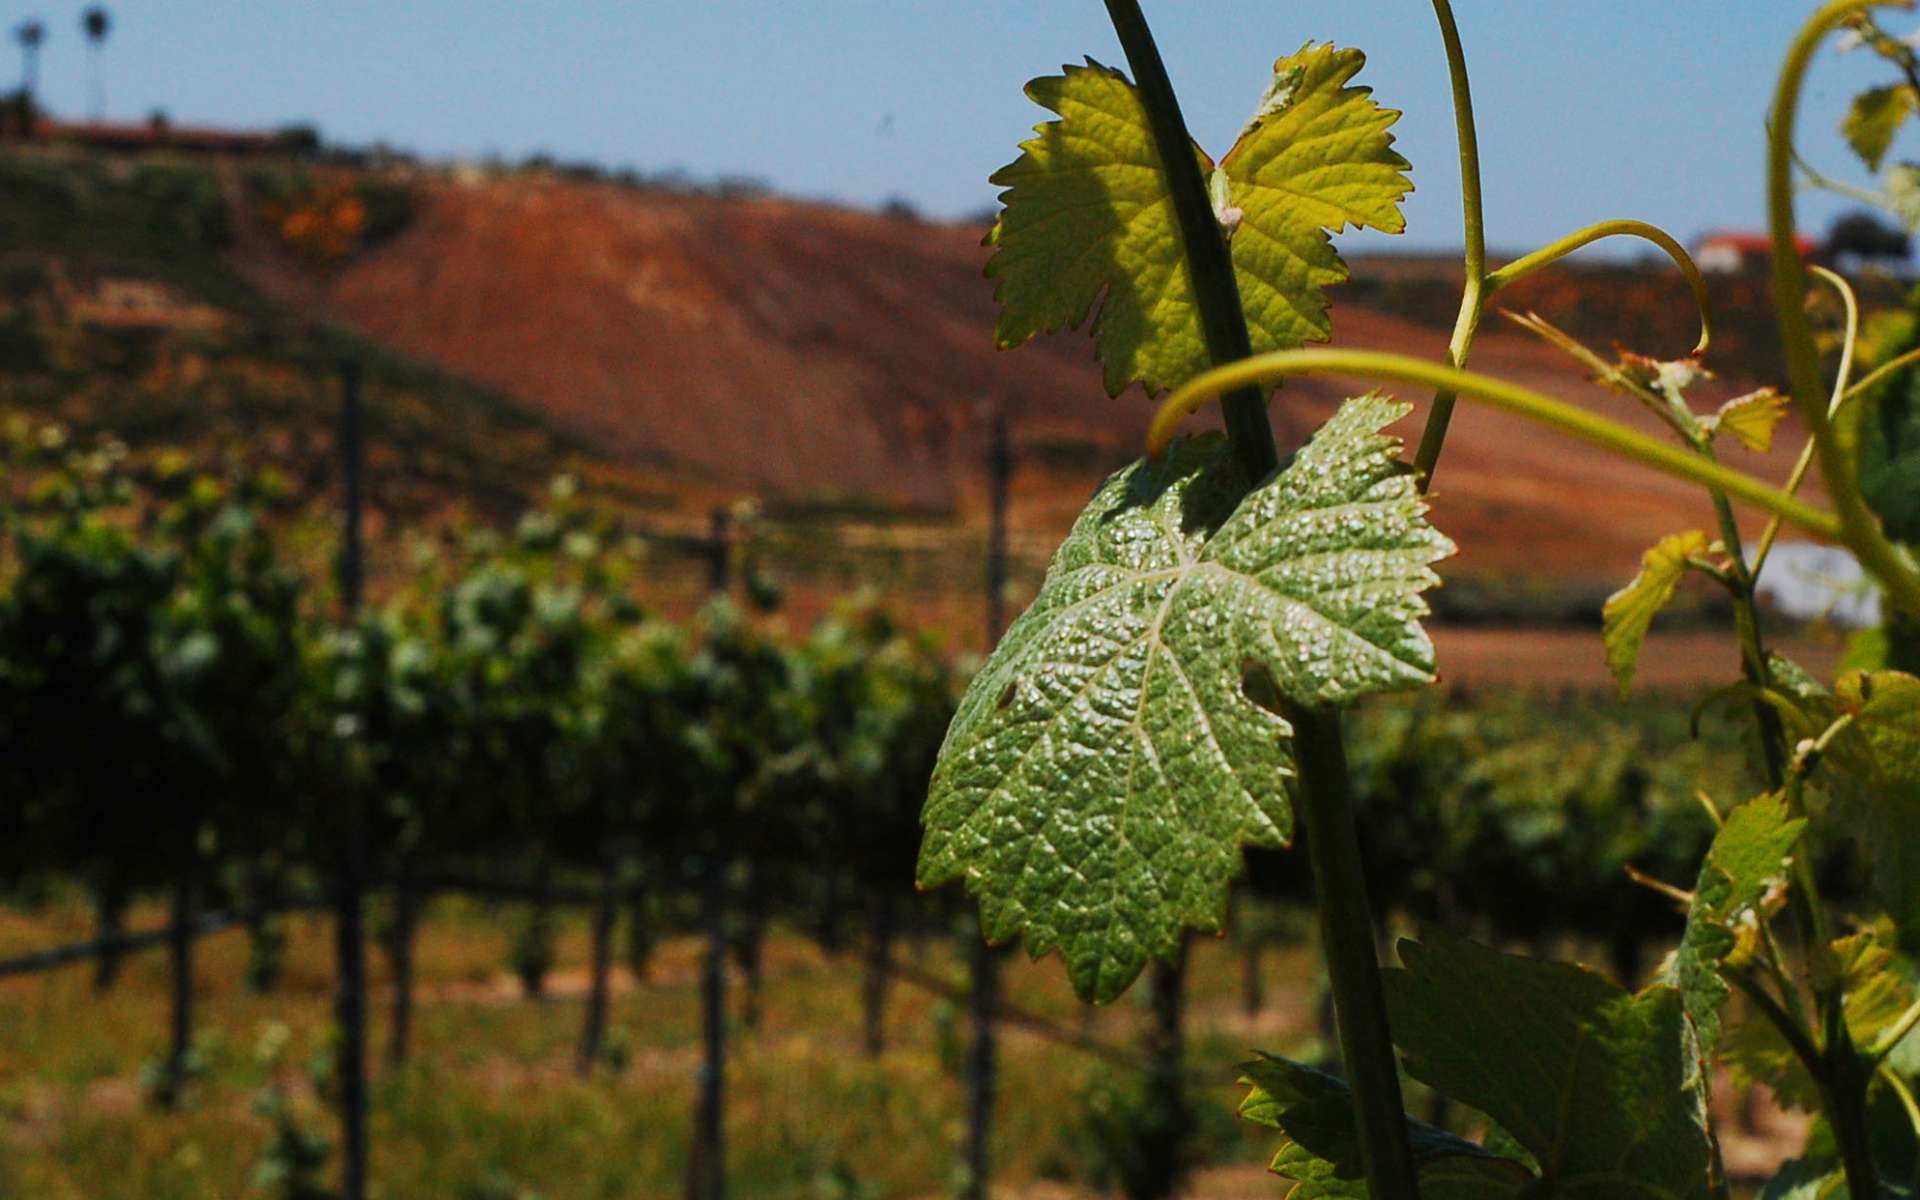 Vigne cépage Grenache - feuille (Crédits : Flickr)